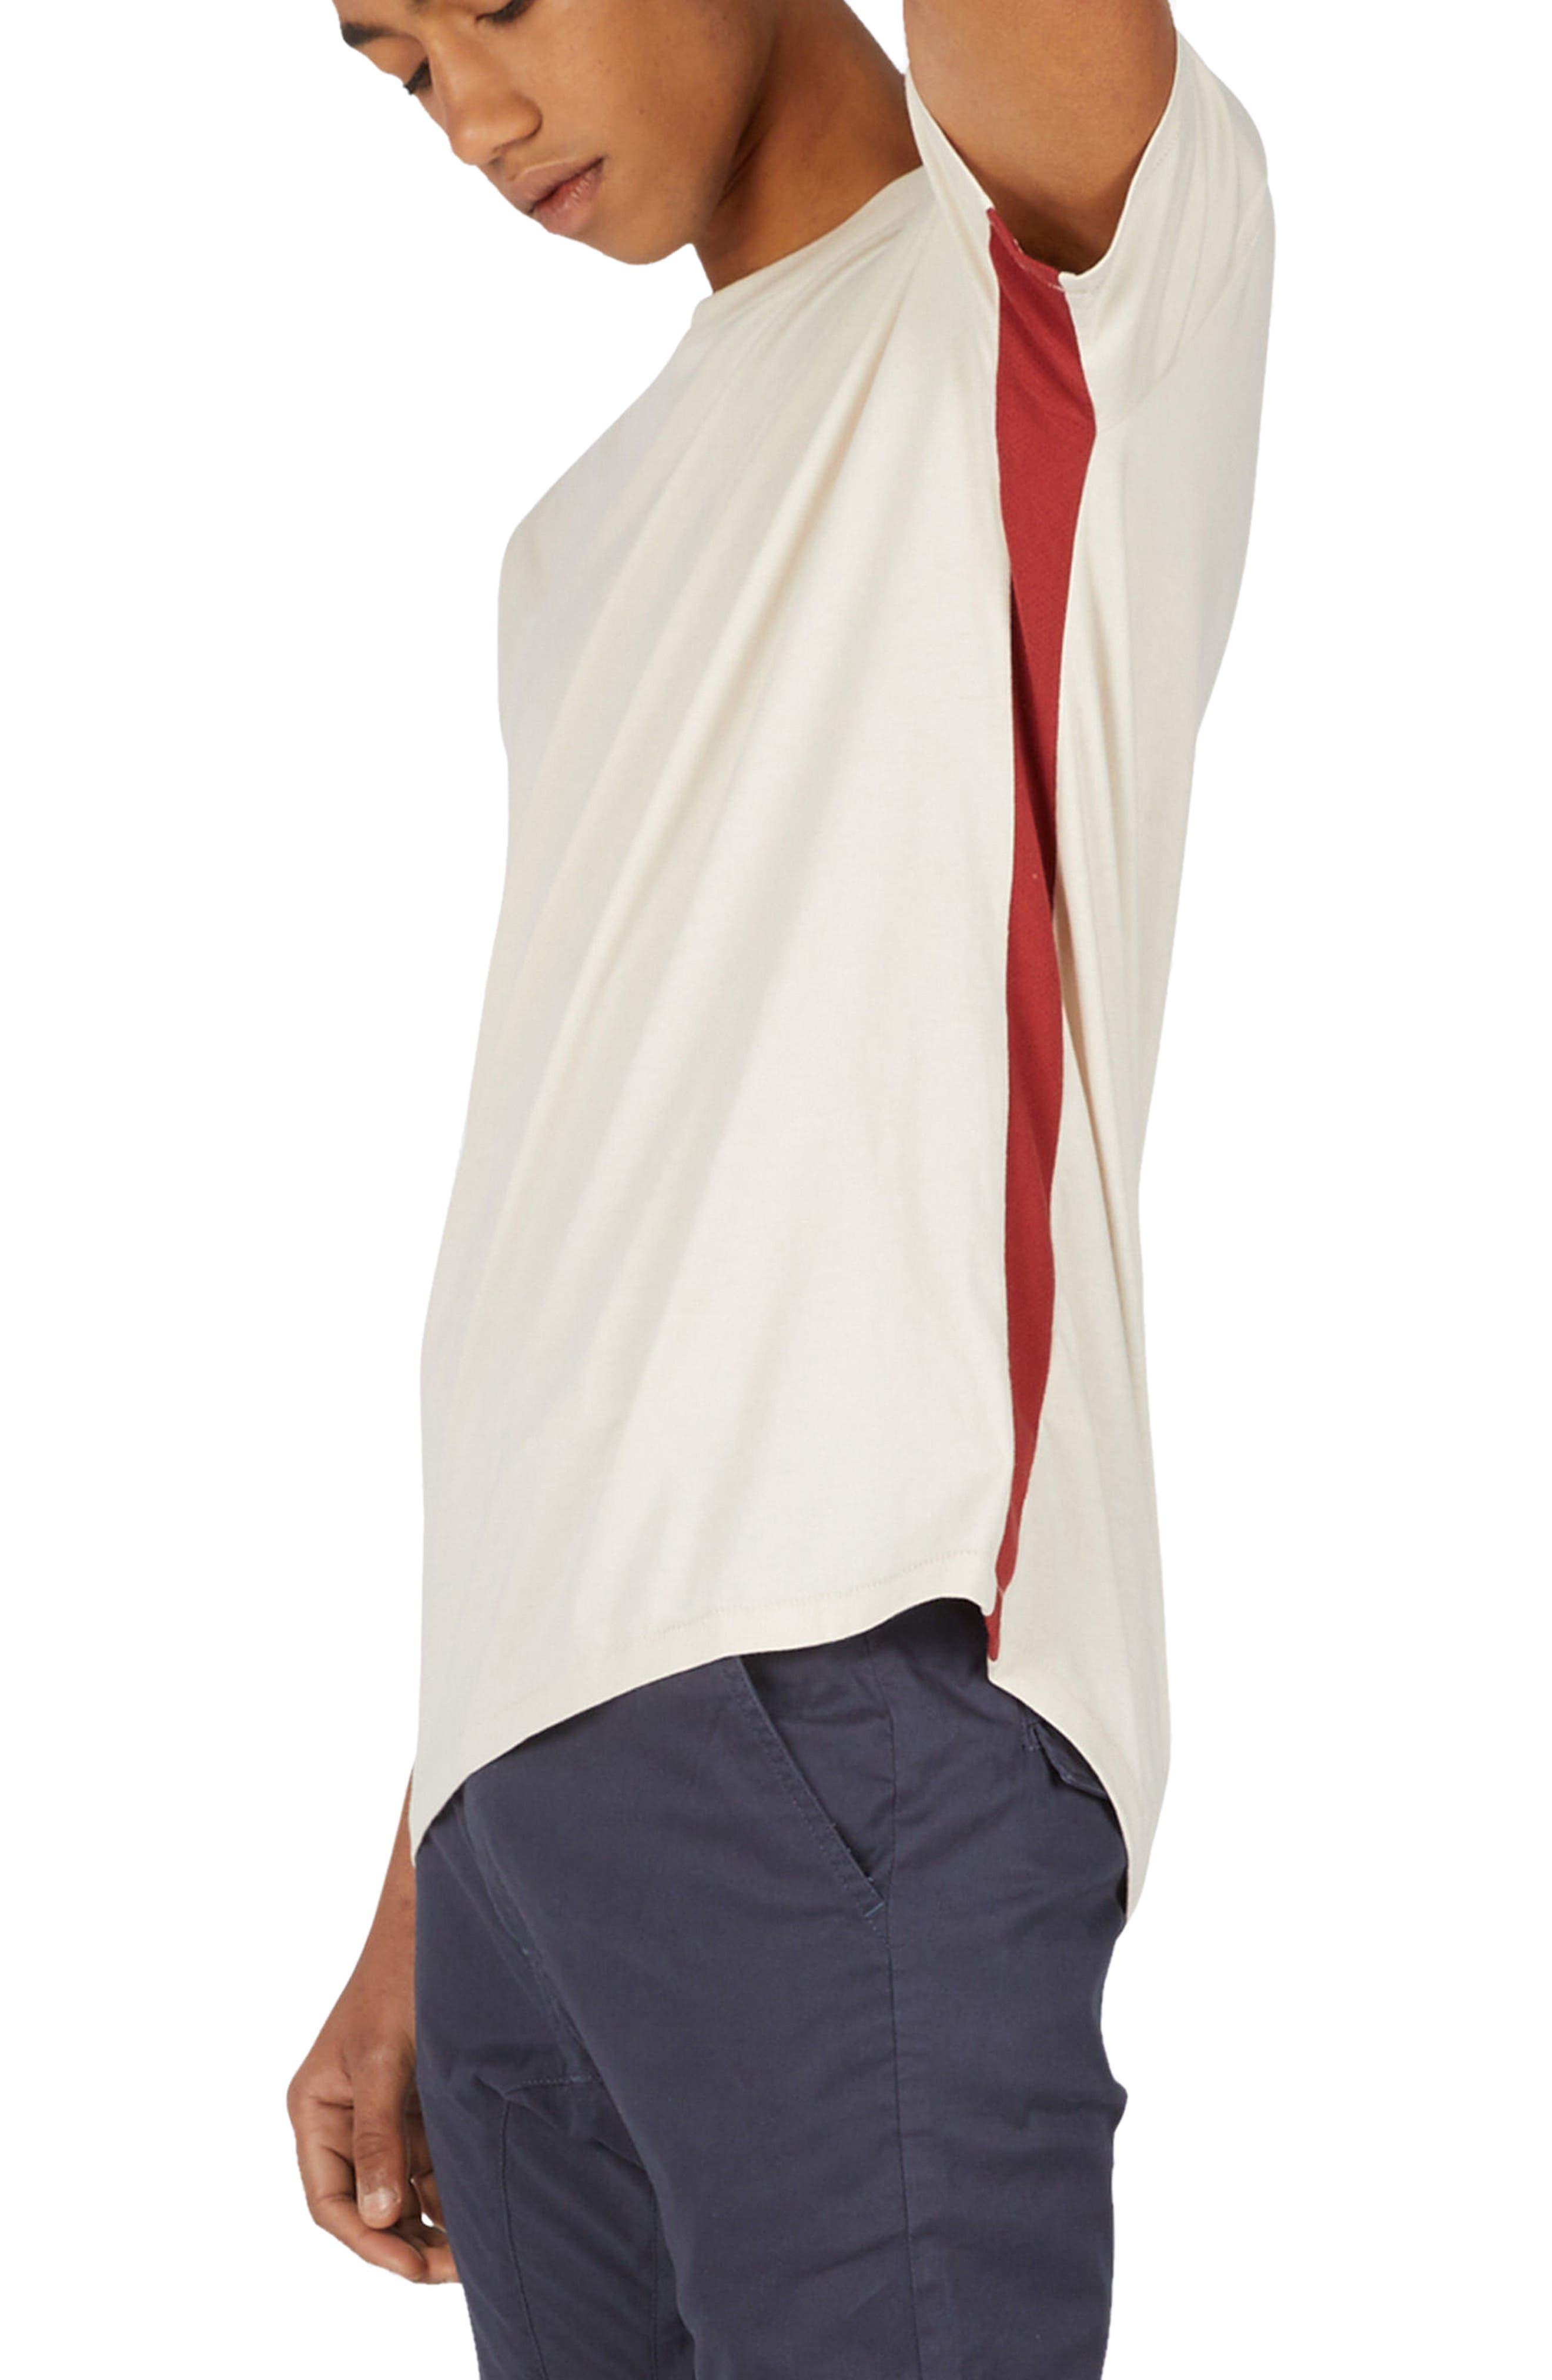 Sideline Rugger T-Shirt,                             Alternate thumbnail 4, color,